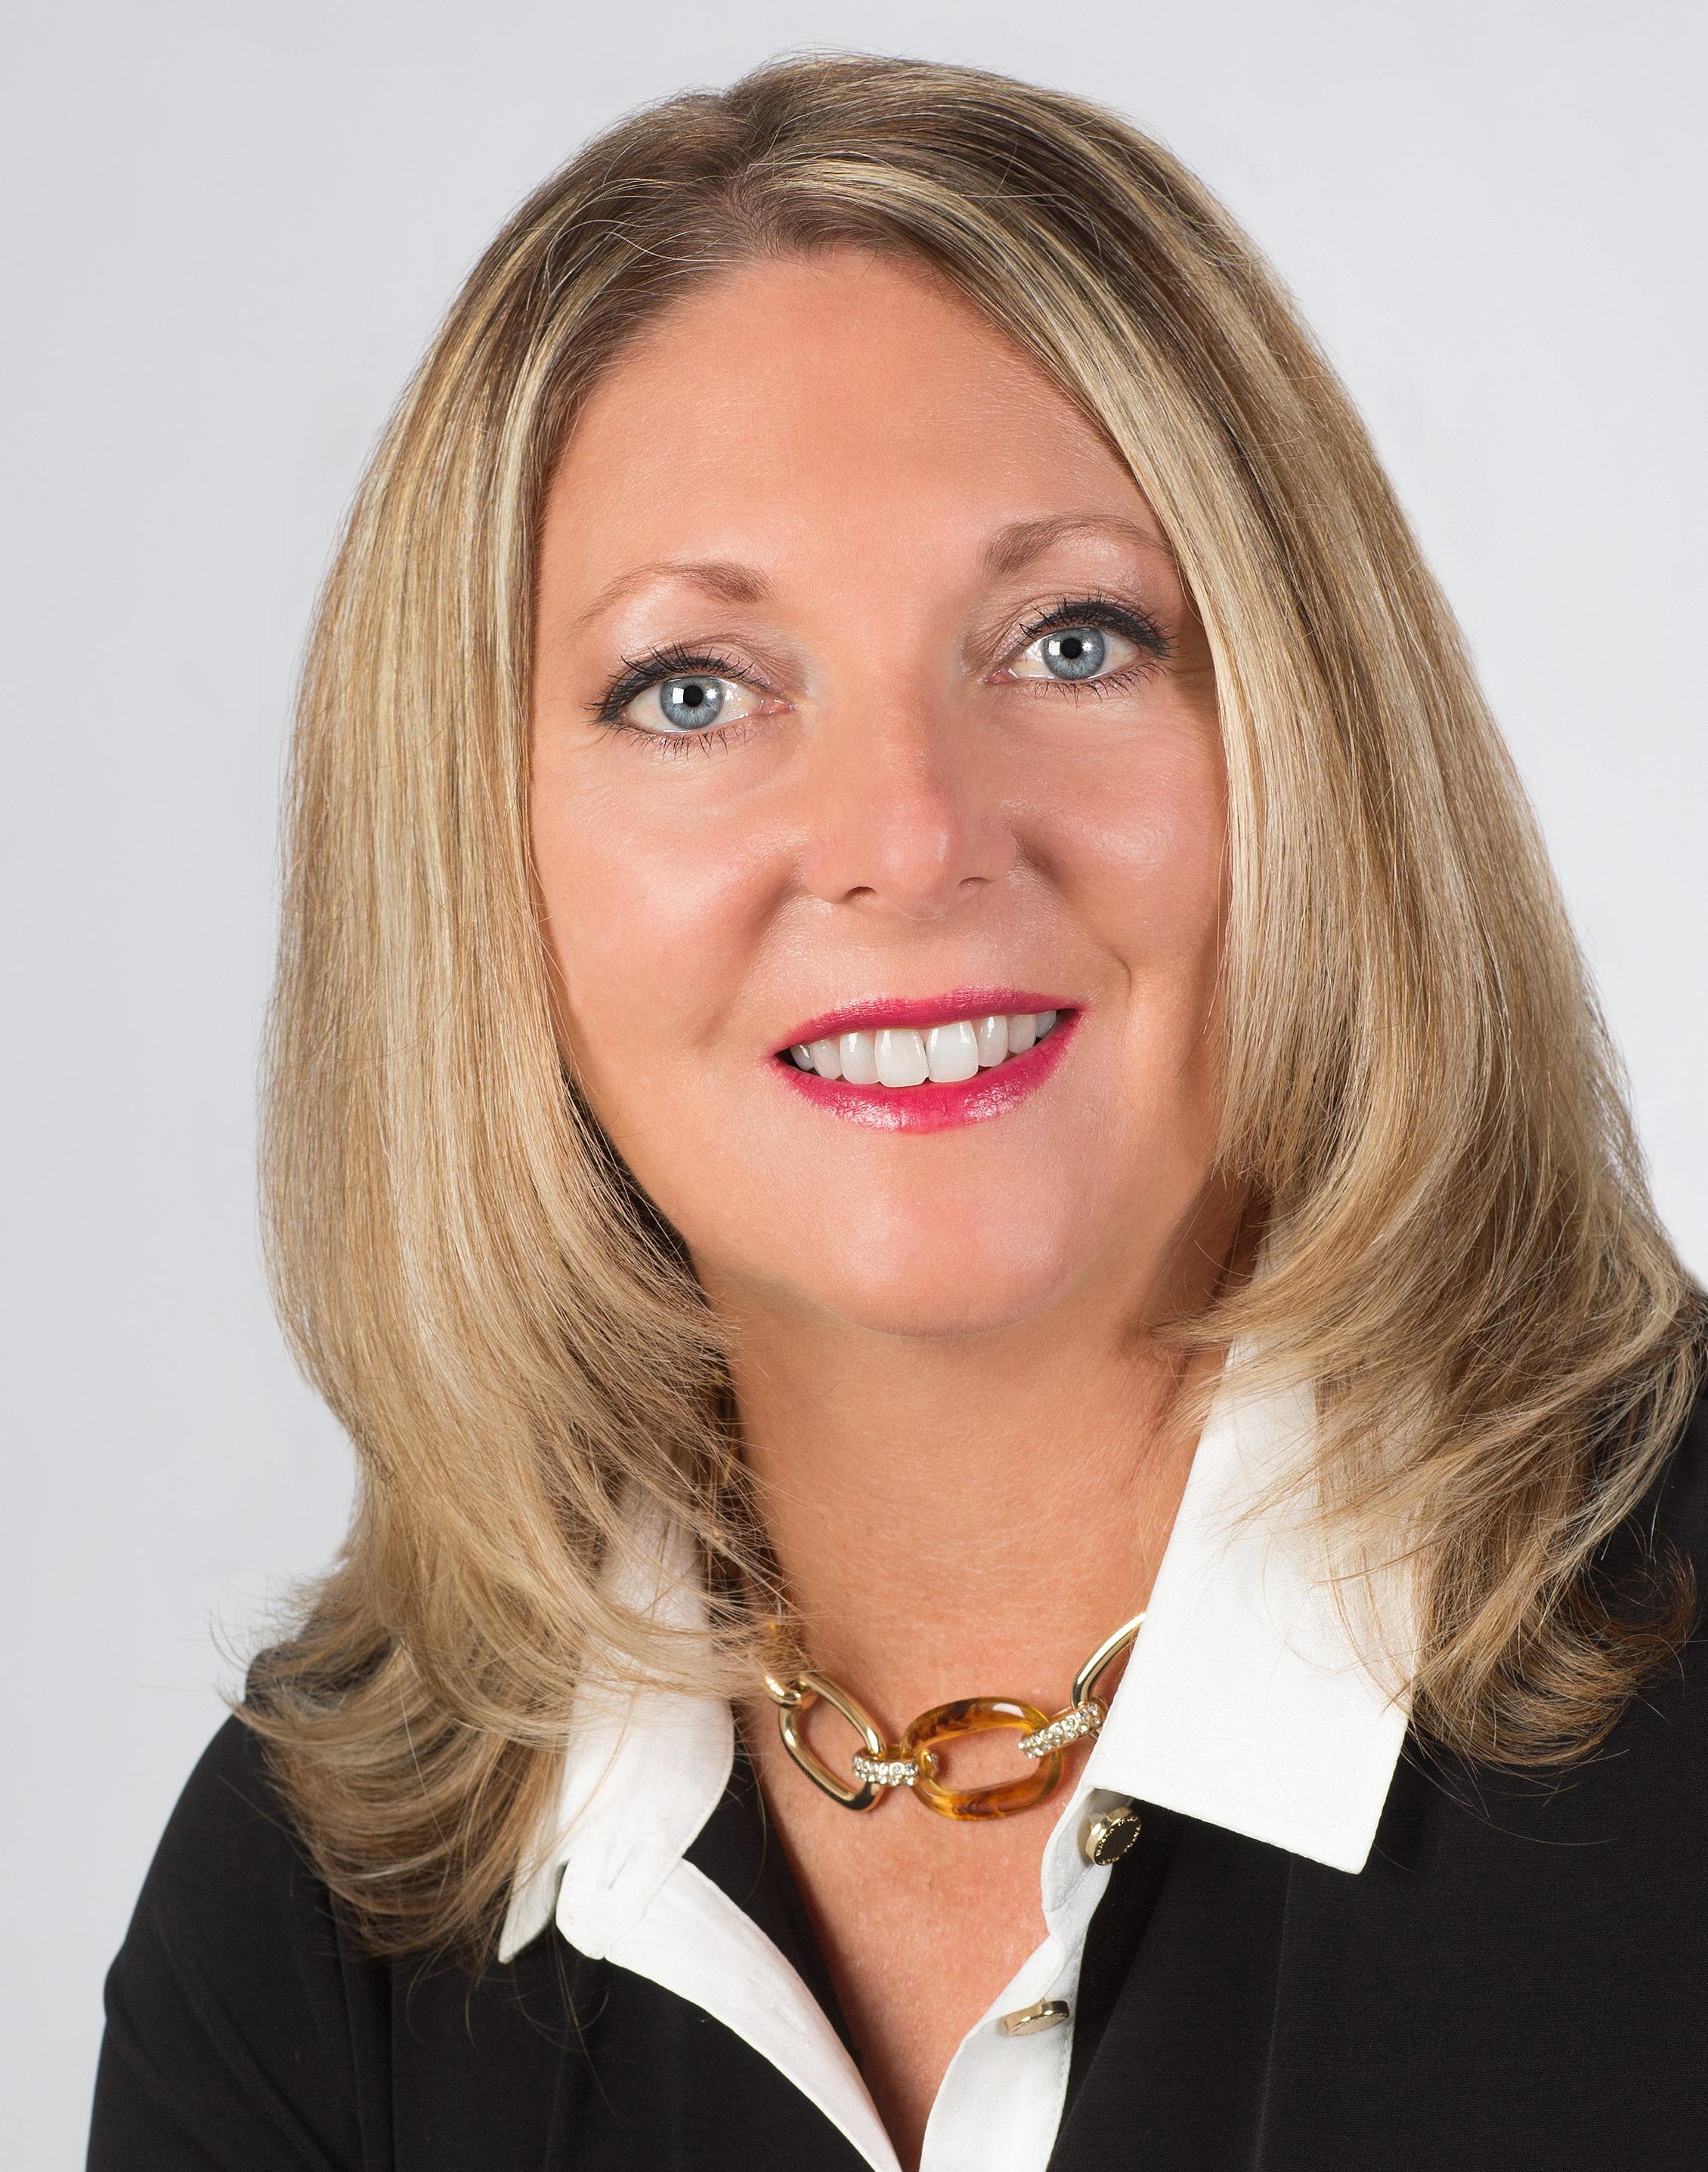 Laurie Zanelli